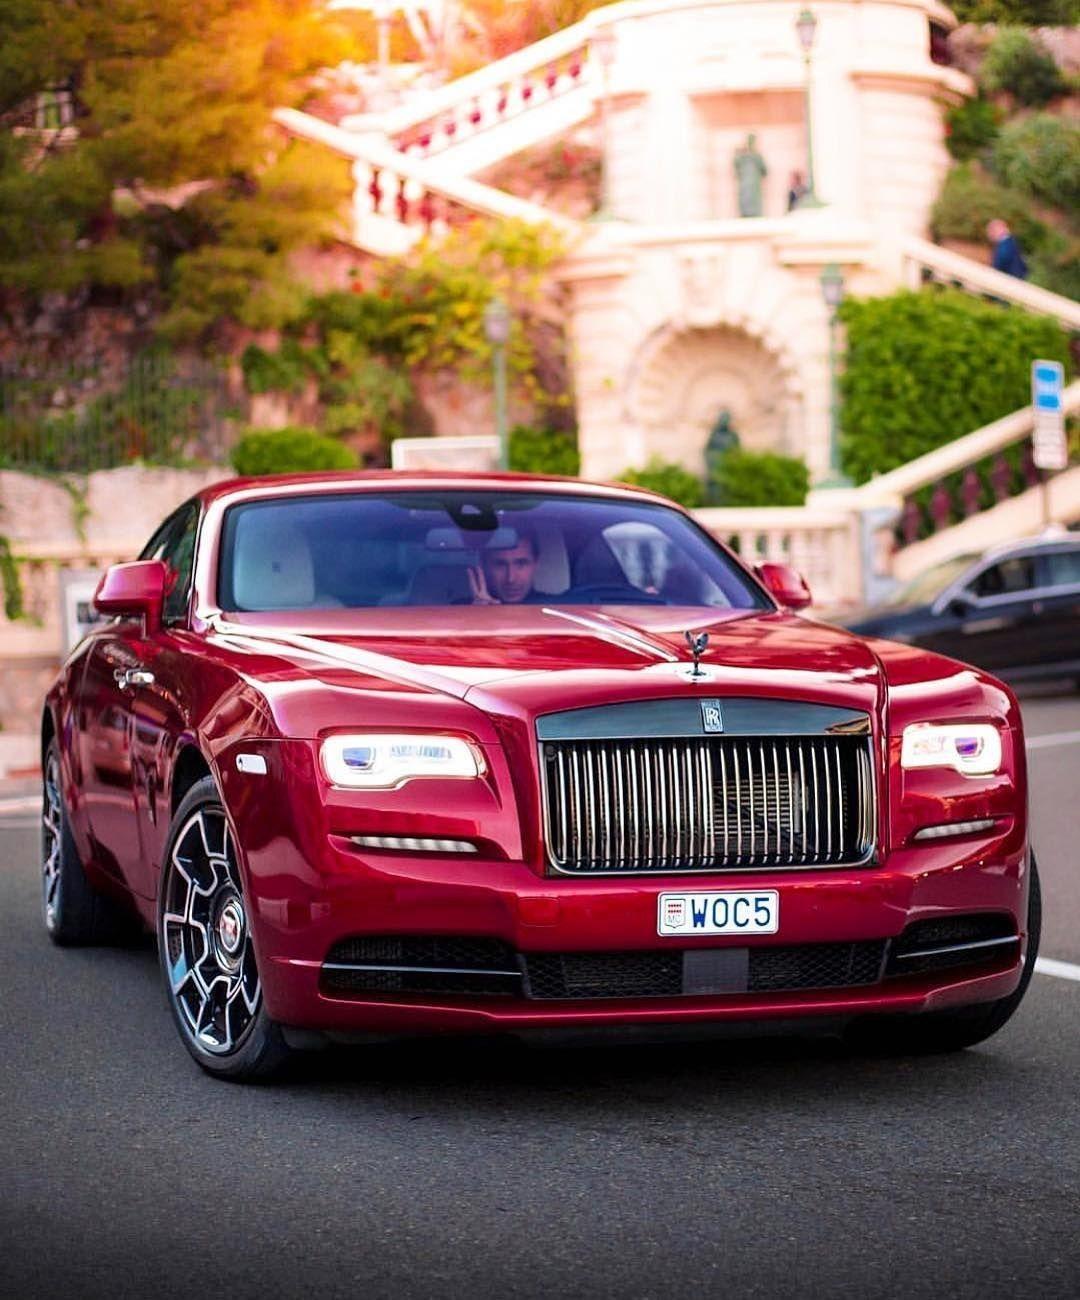 rolls royce car - HD1080×1300